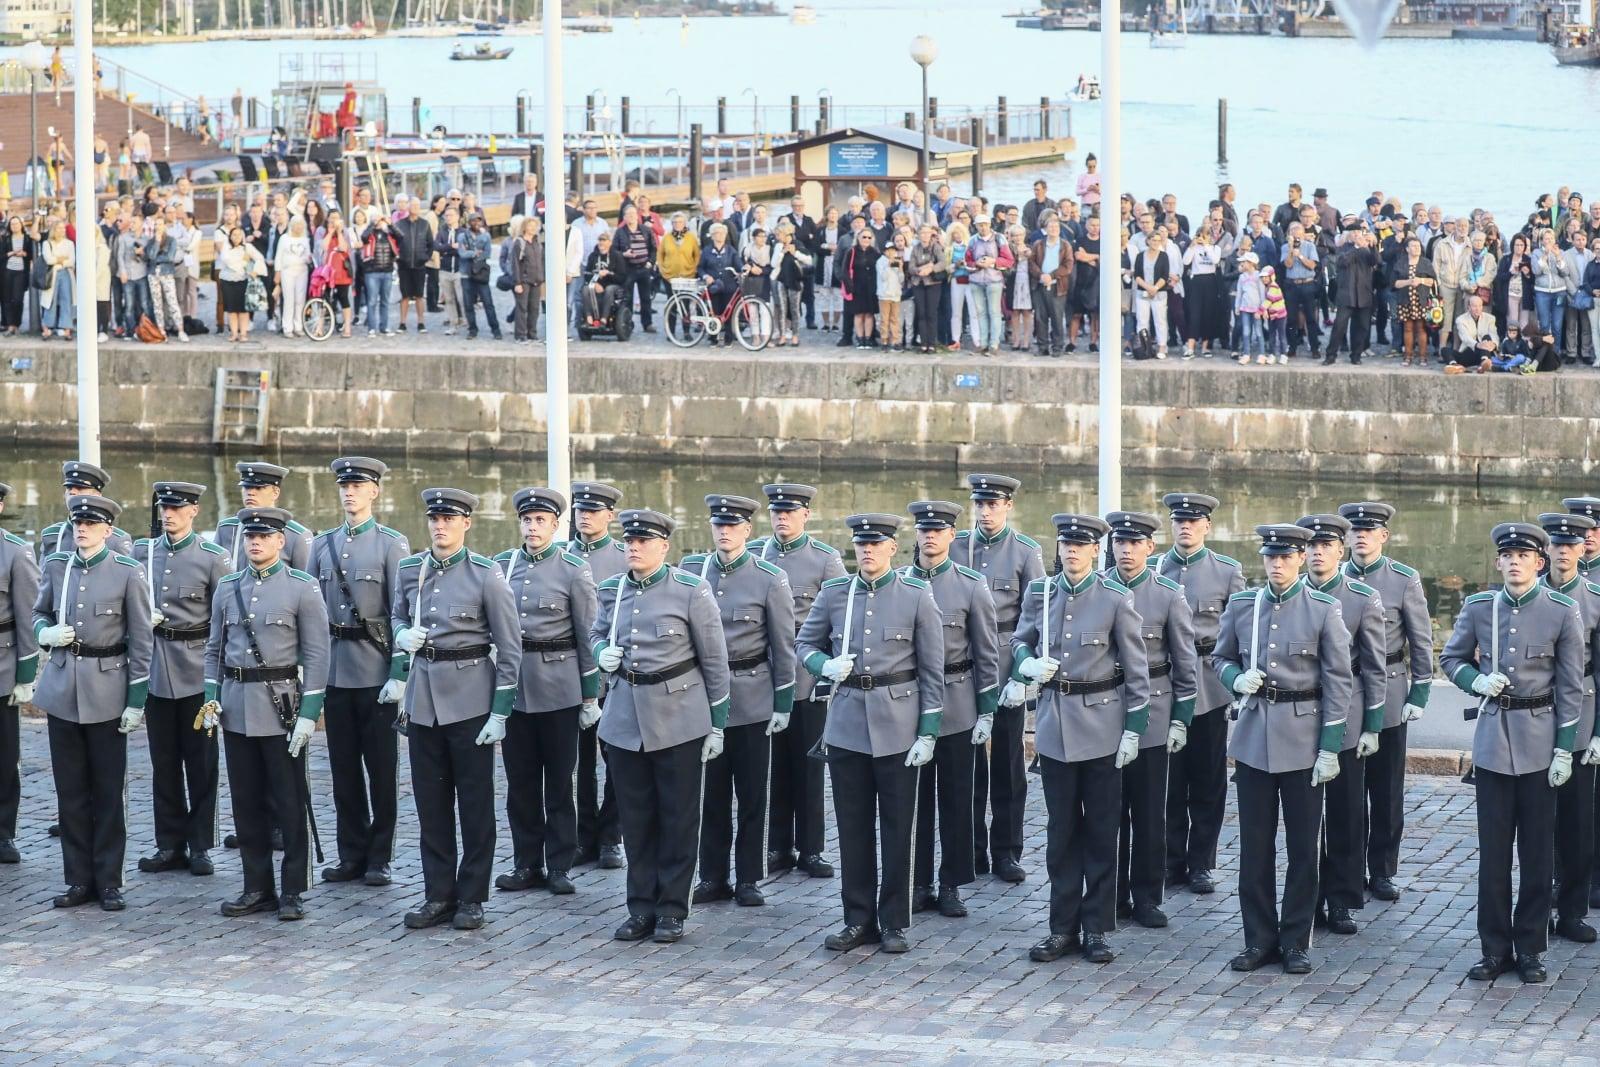 Fińska Gwardia Honorowa w czasie wizyty prezydenta Francji Emmanuela Macrona. Fot. PAP/EPA/MAURI RATILAINEN